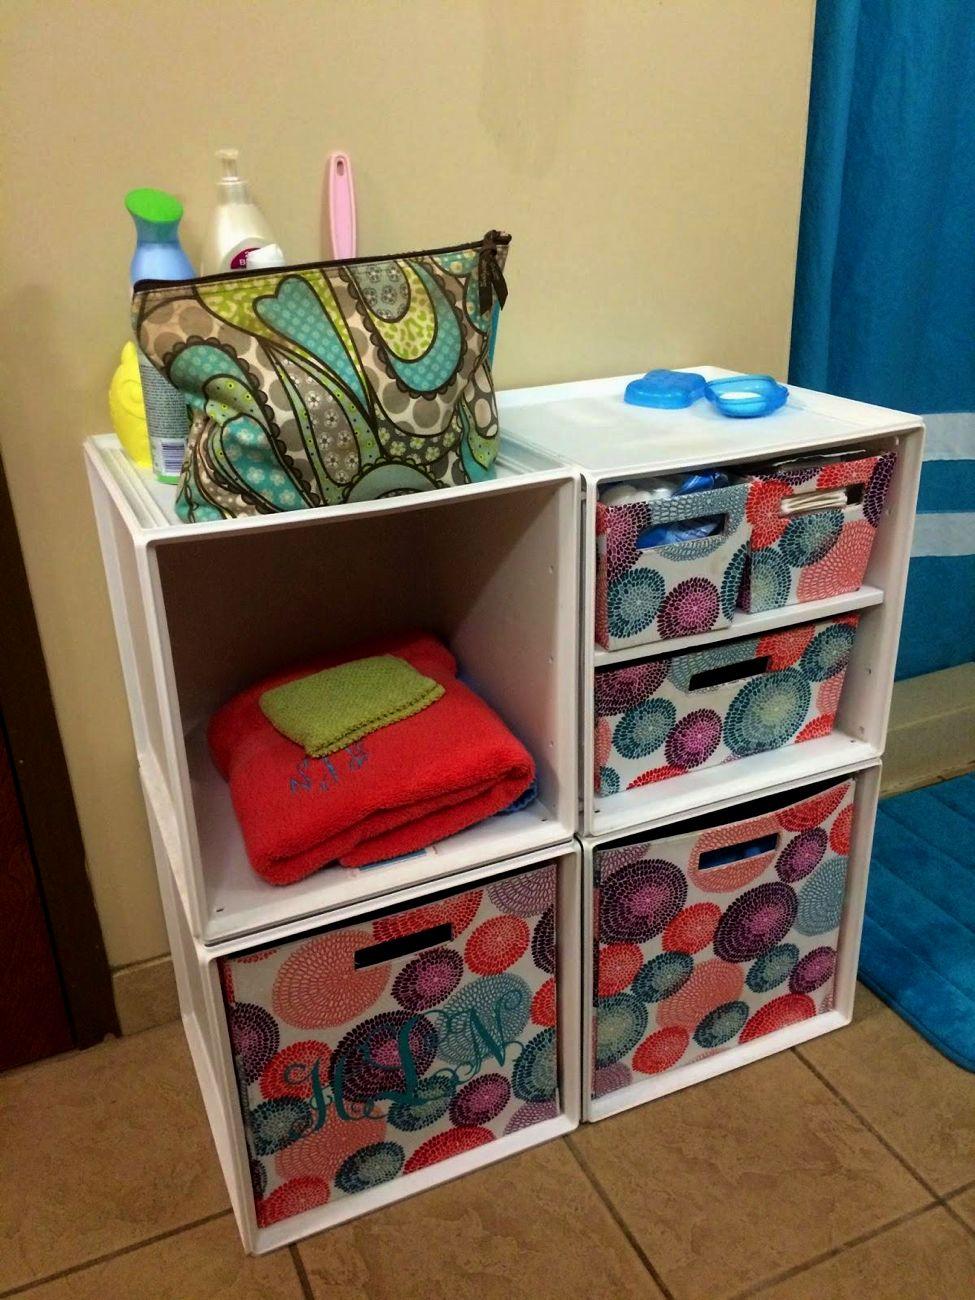 stylish bathroom organization ideas ideas-Amazing Bathroom organization Ideas Inspiration